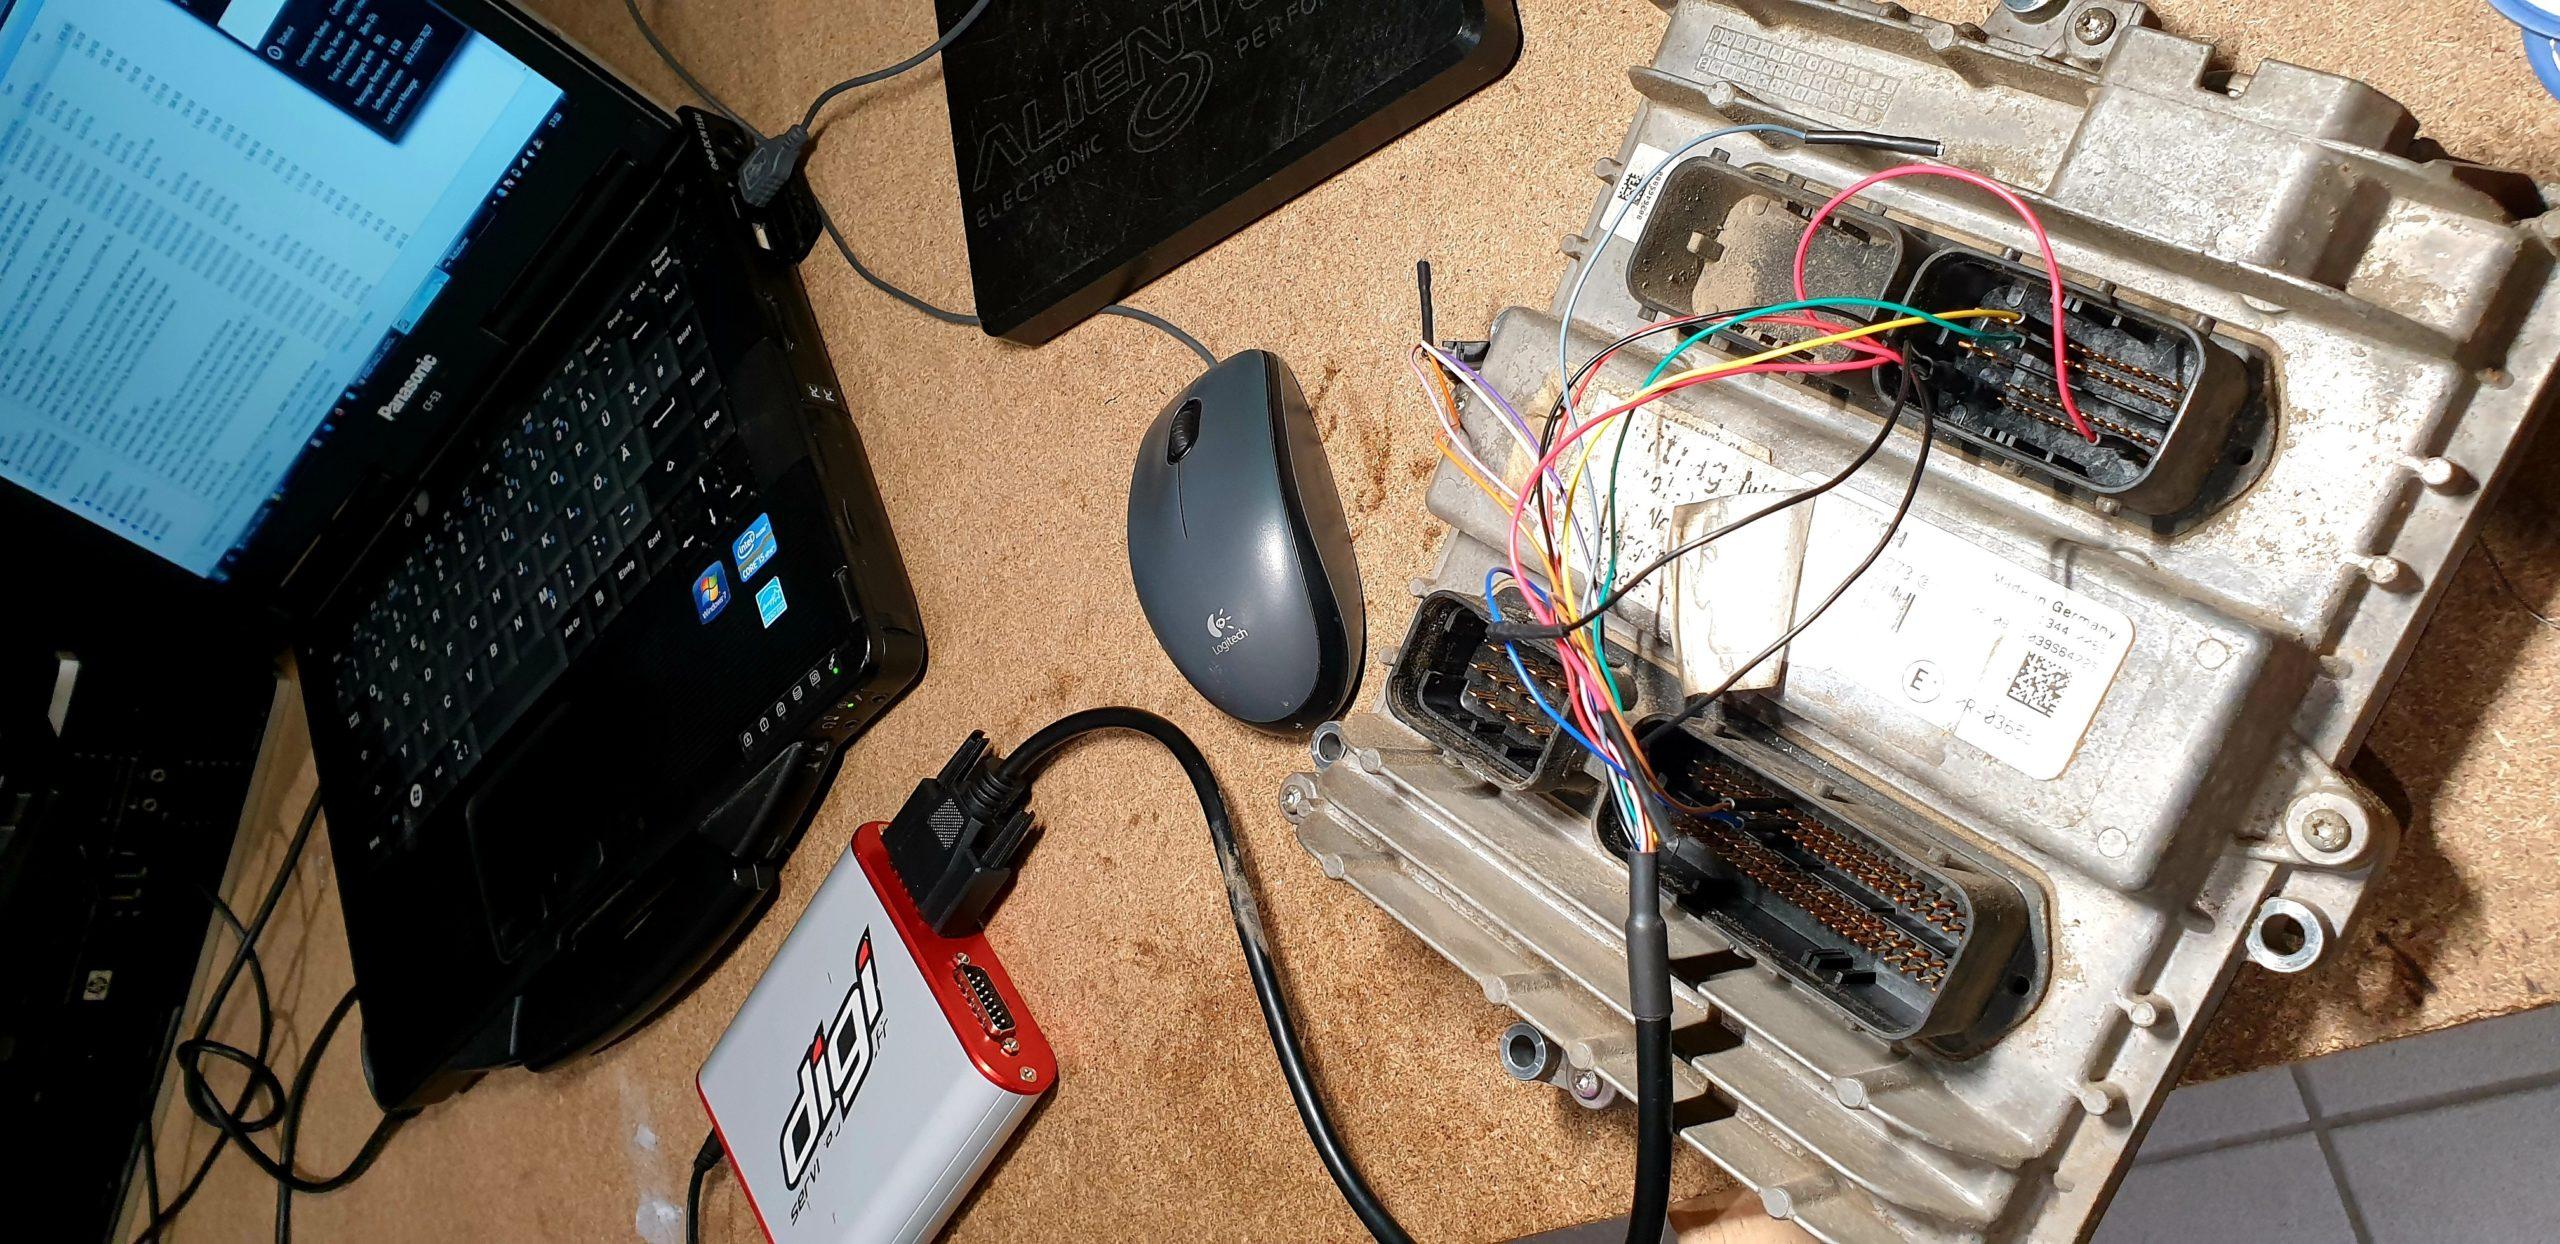 Problème Adblue Man TGX 480 - Défaut EDC et SCR - Limite 20km/h